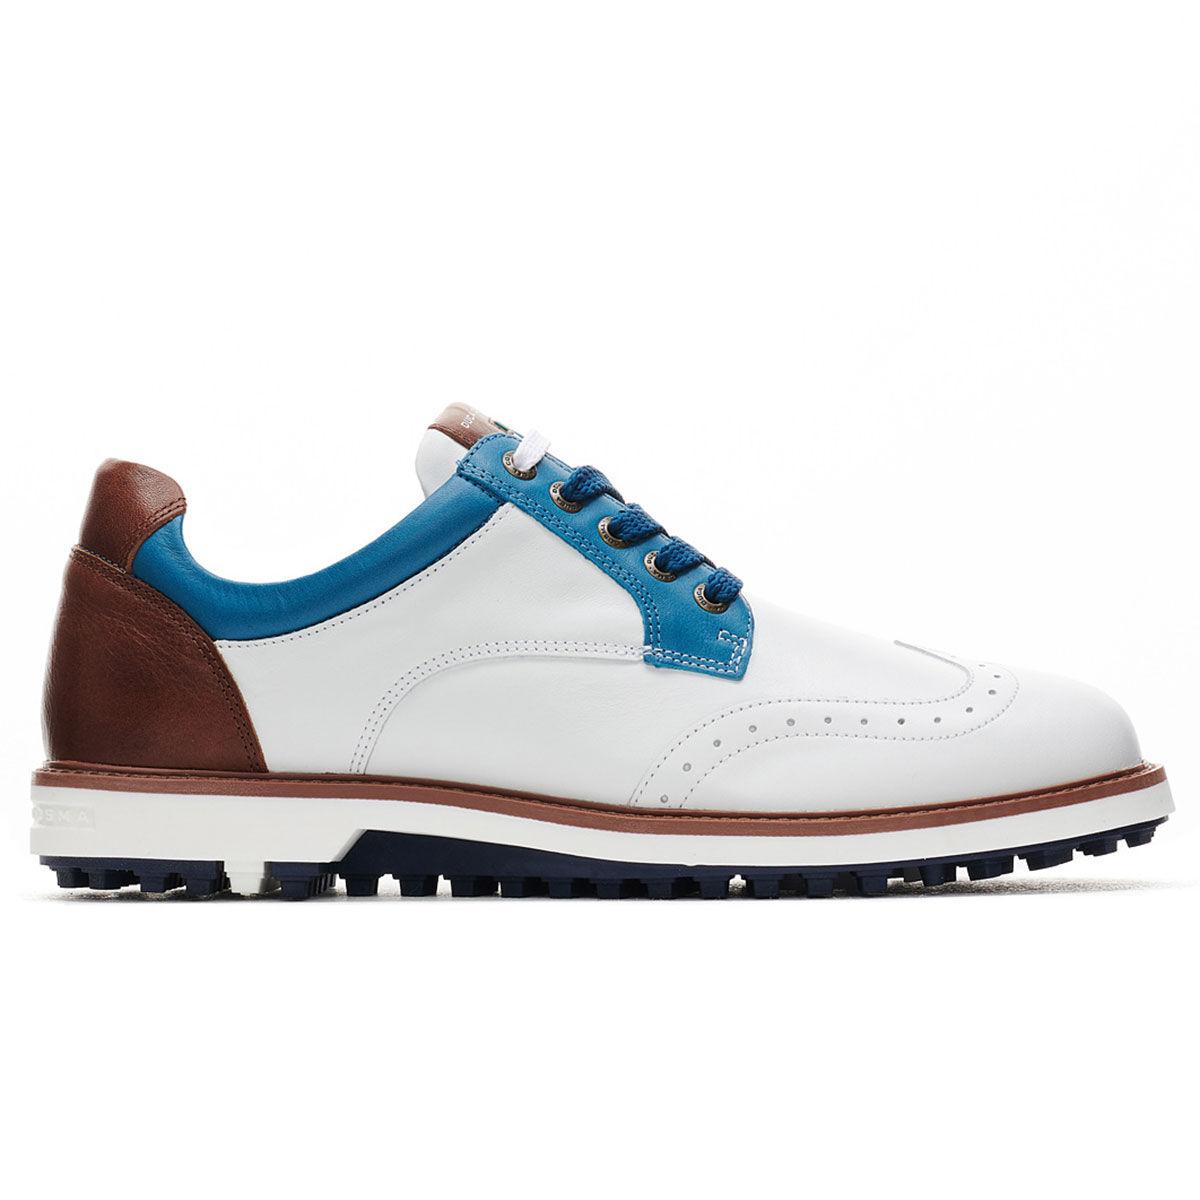 Duca Del Cosma Eldorado Golf Shoes, Mens, White/blue/cognac, 10   American Golf